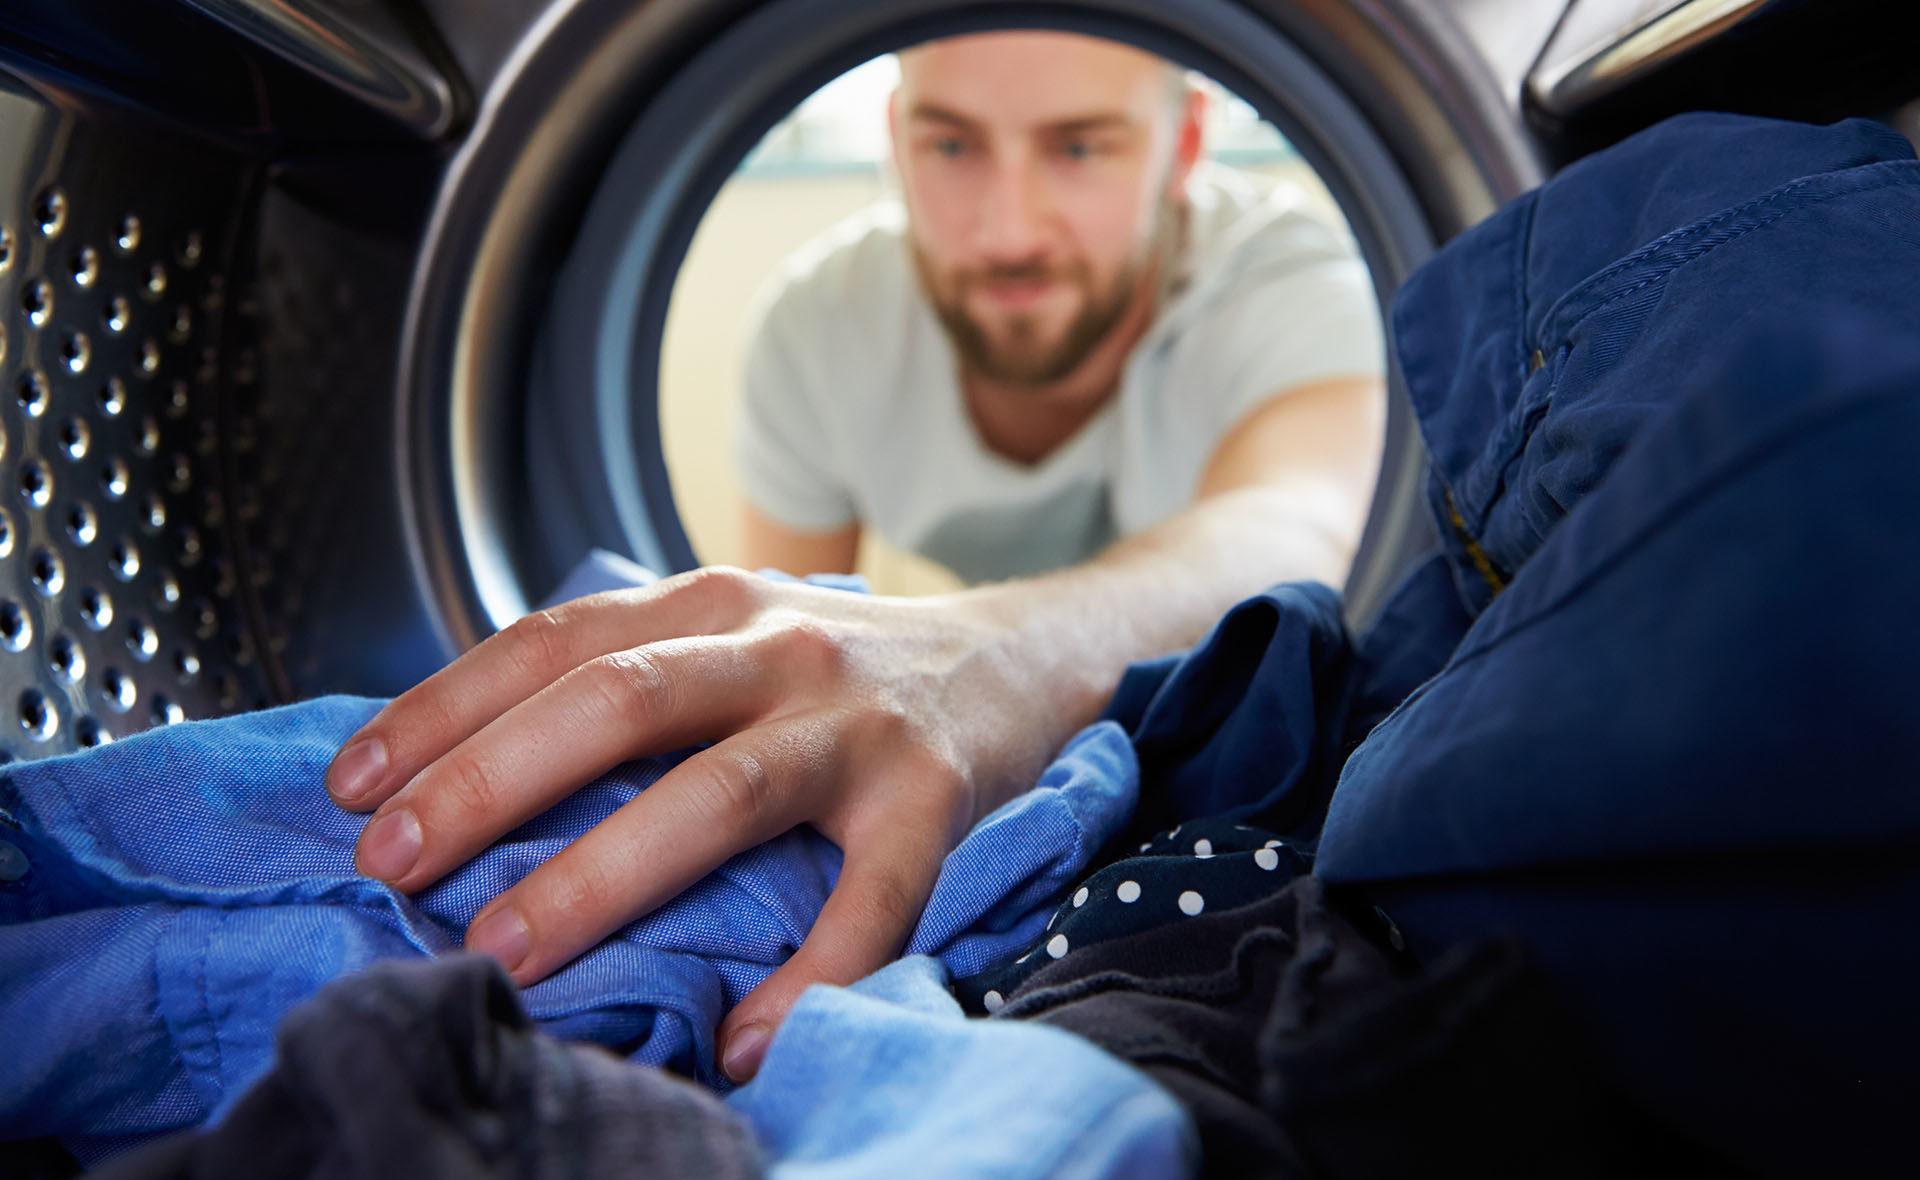 precio- ahorro- luz-lavadora-electricidad-factura-agua-tarifas-BBVA-recurso